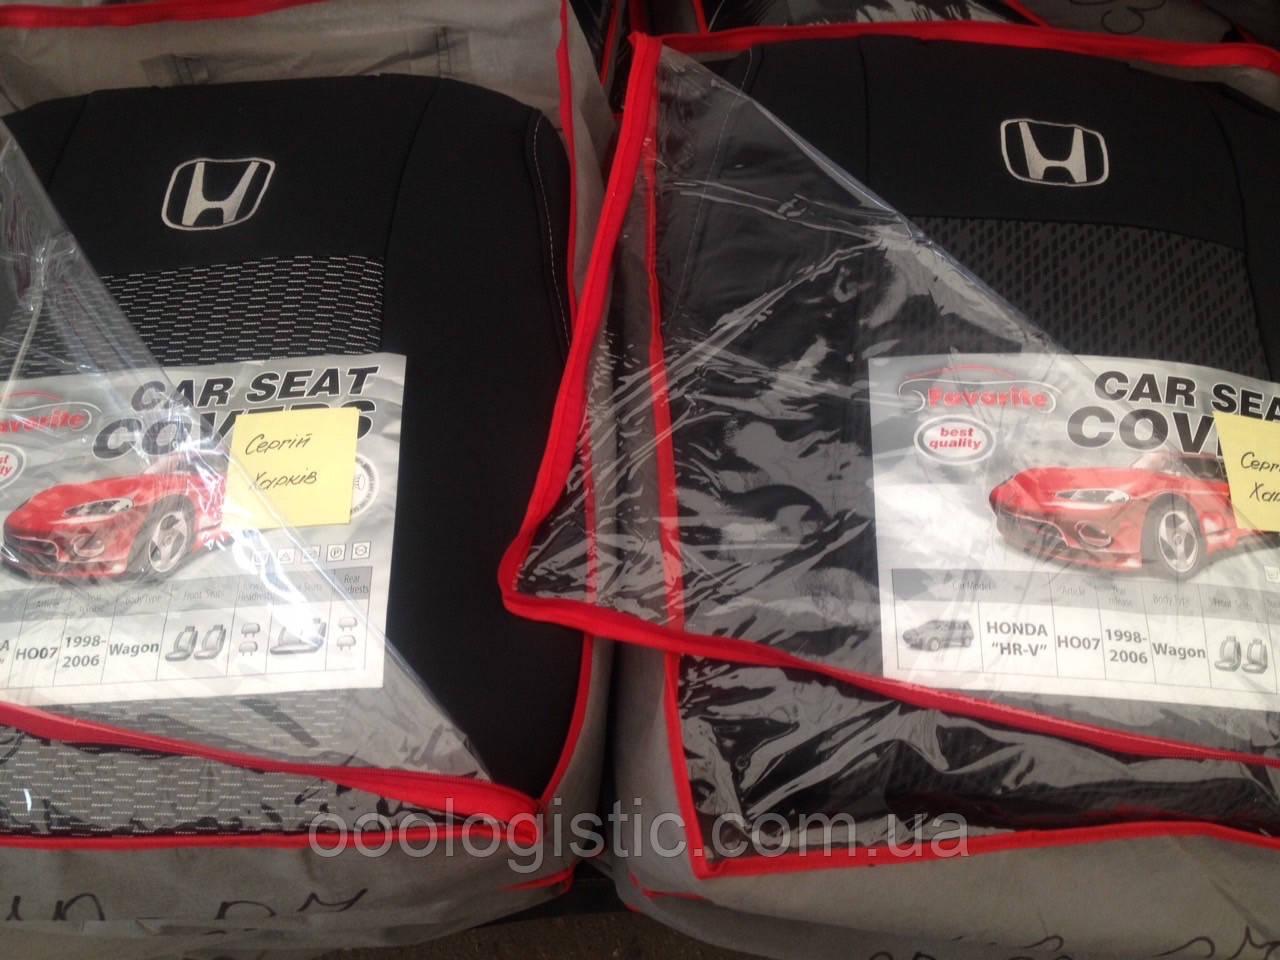 Авточохли на Honda HR-V 1998-2006 wagon модельний комплект